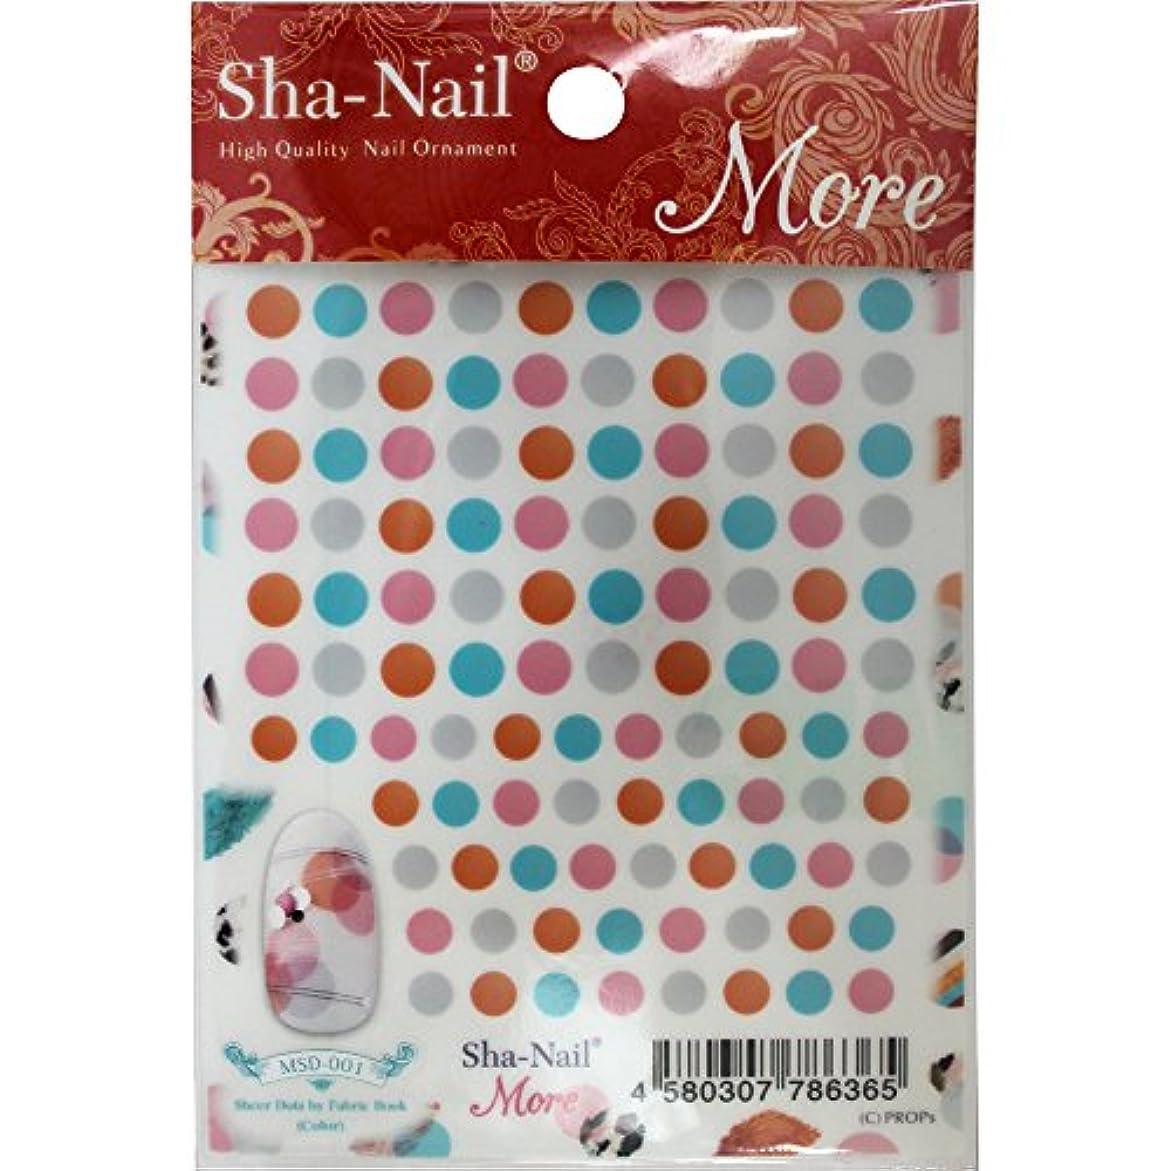 ペフ慣らす息を切らしてSha-Nail More ネイルシール シアードット(カラー) MSD-001 アート材